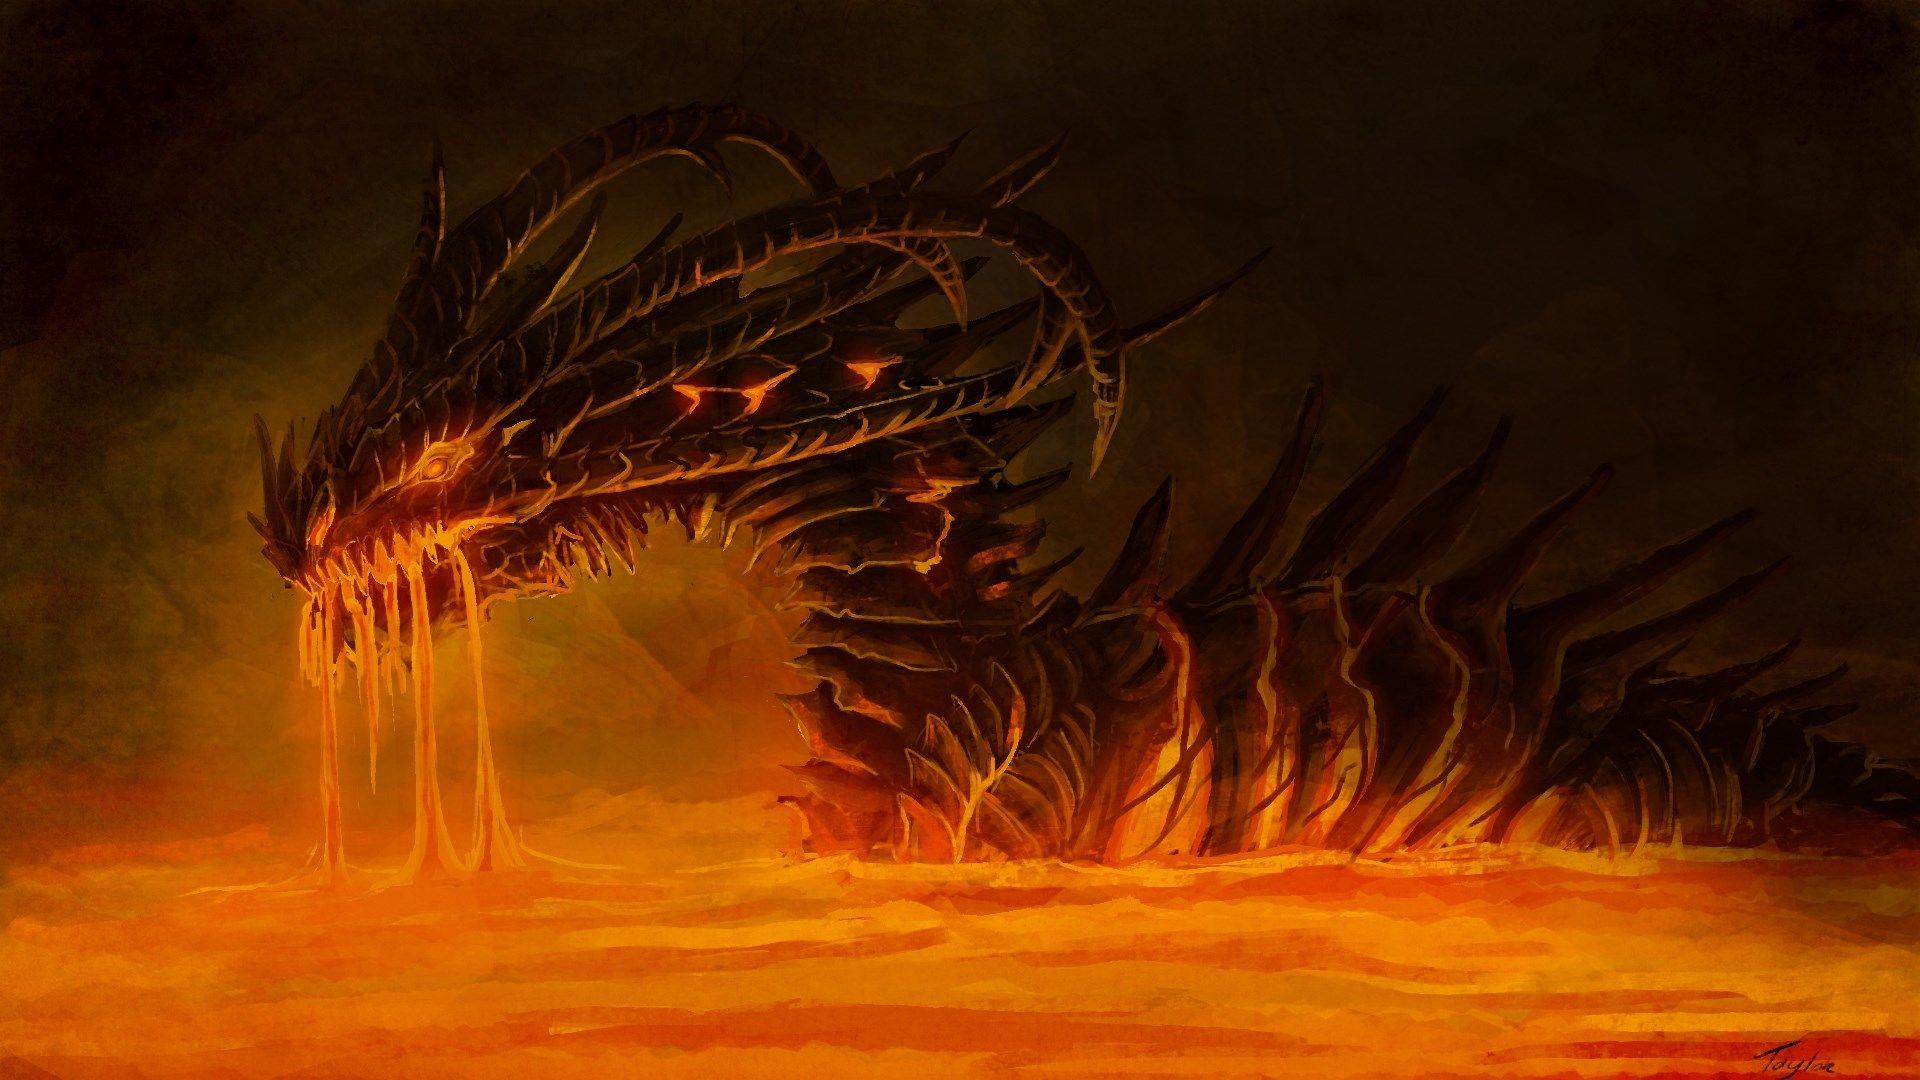 Fire Dragon 1080p Wallpaper